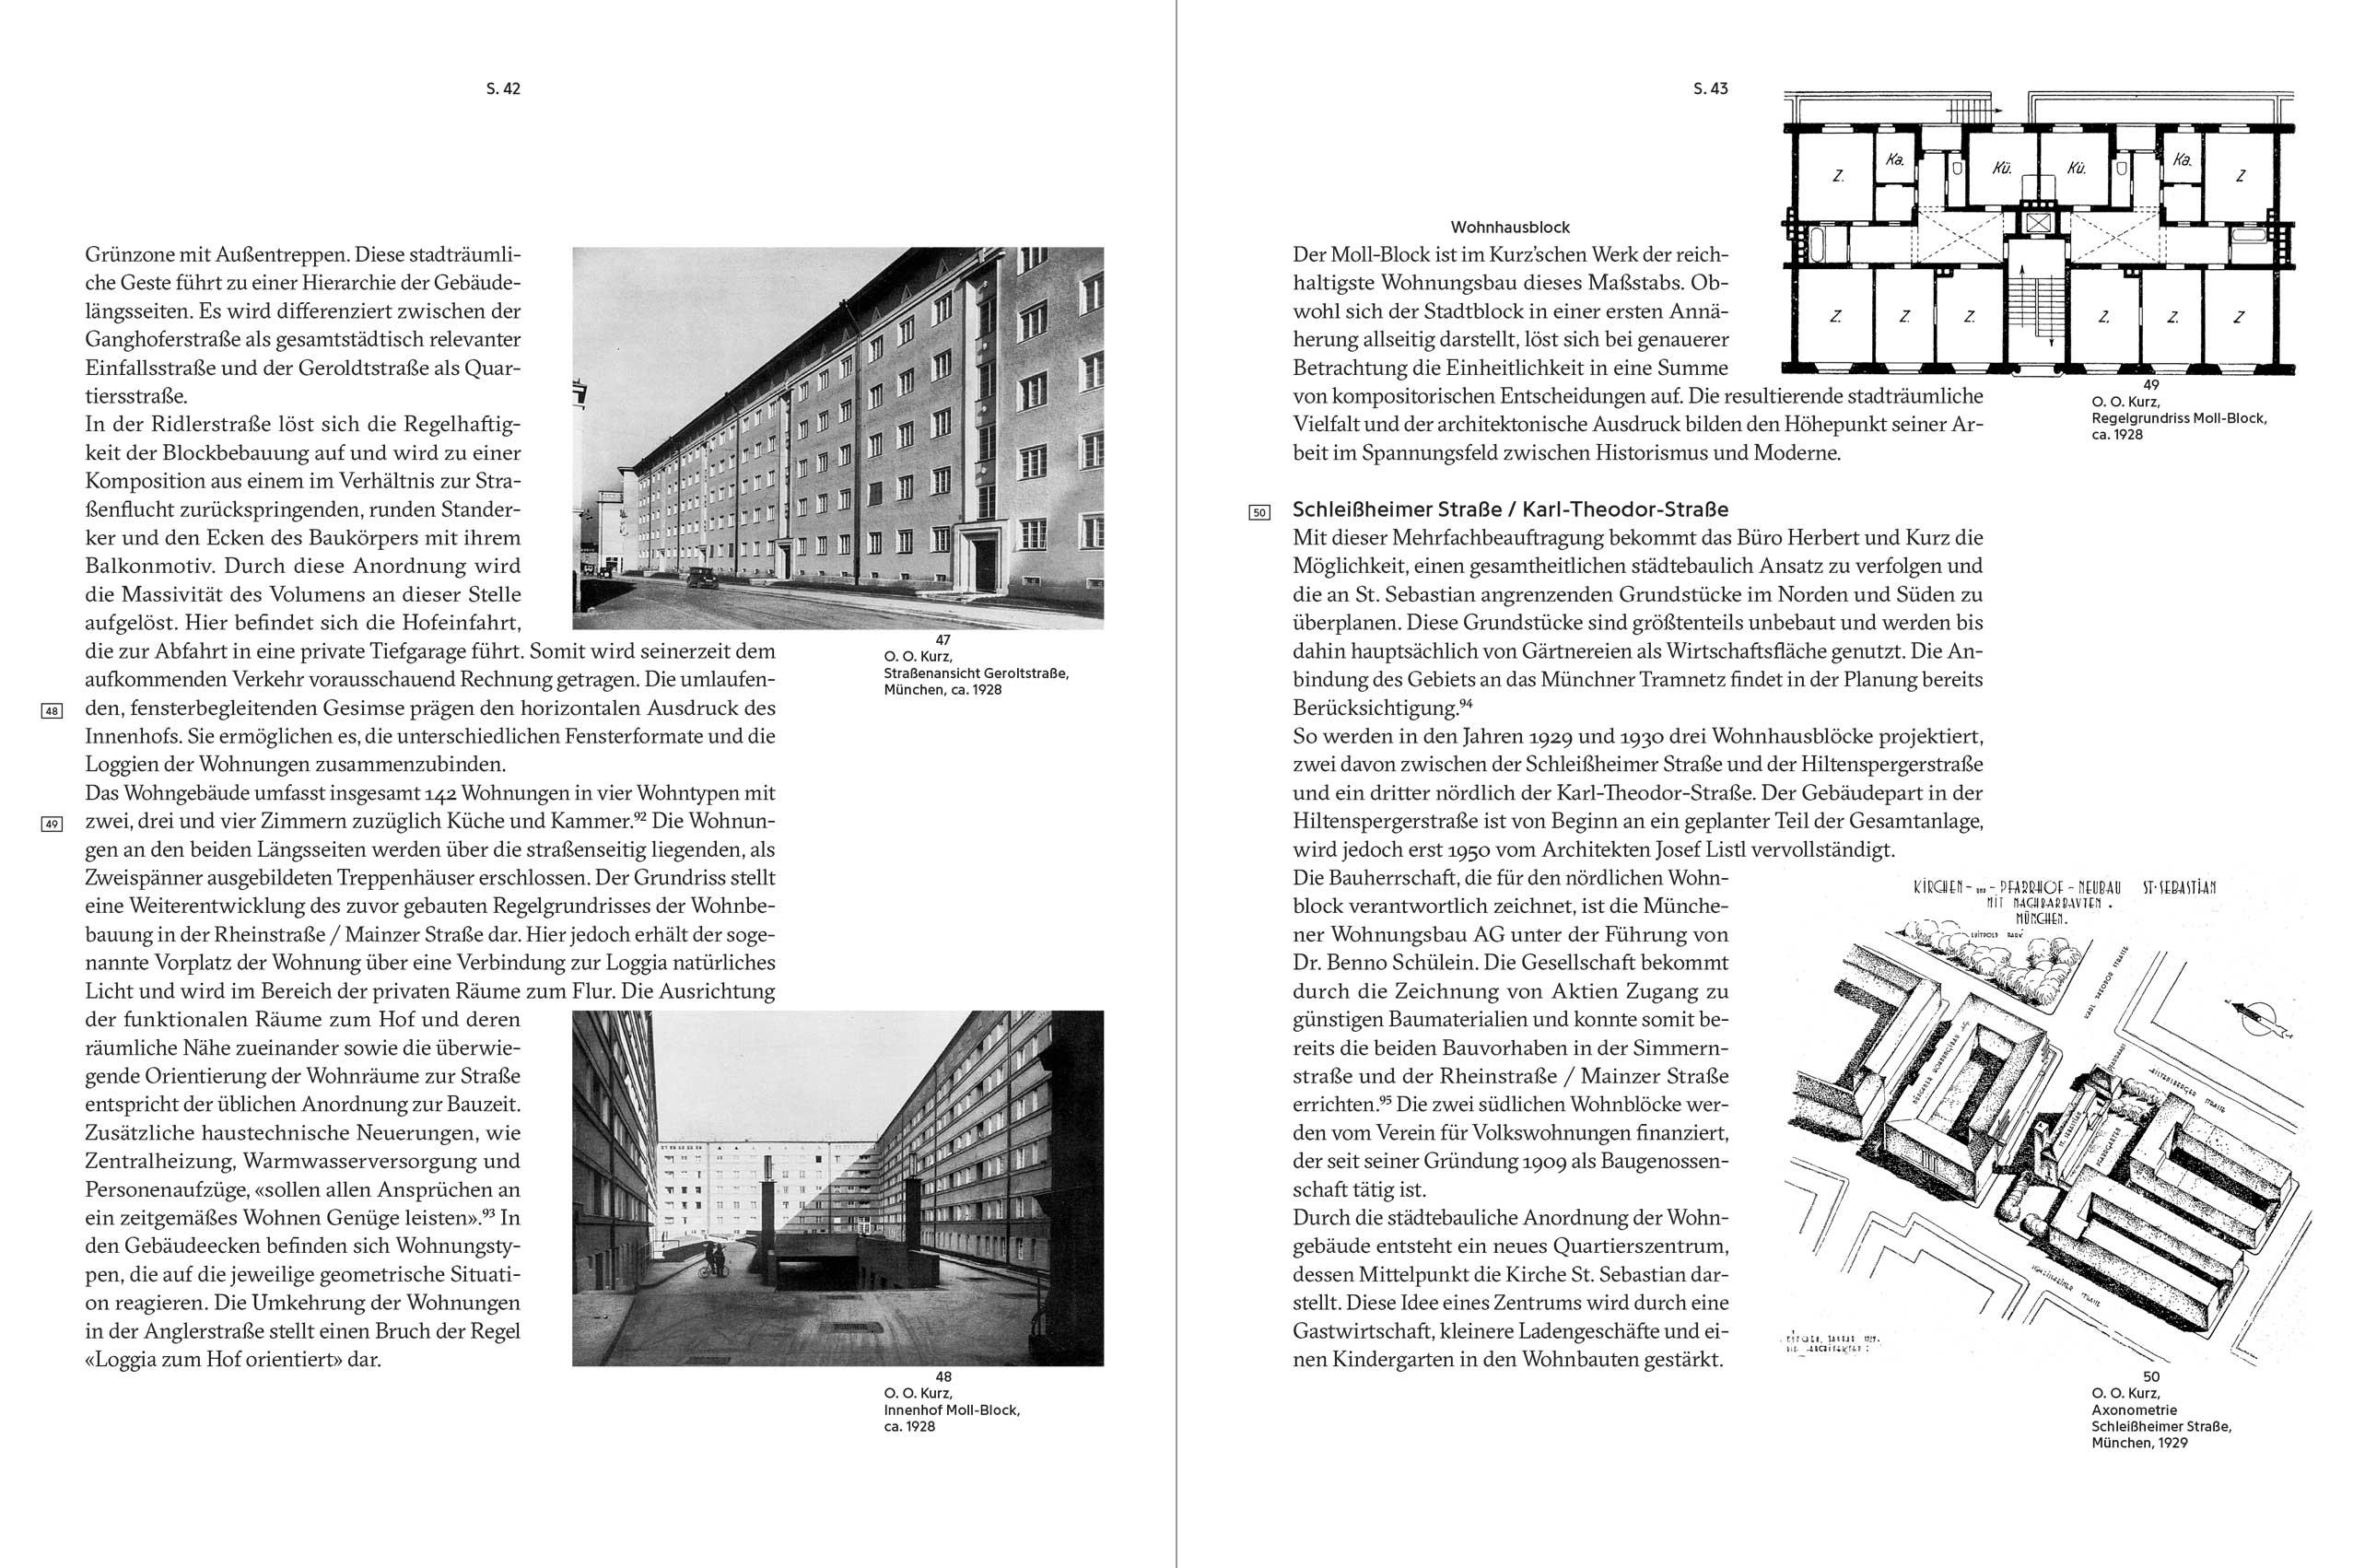 Gesamtwerk Architektur multerer architekten ook